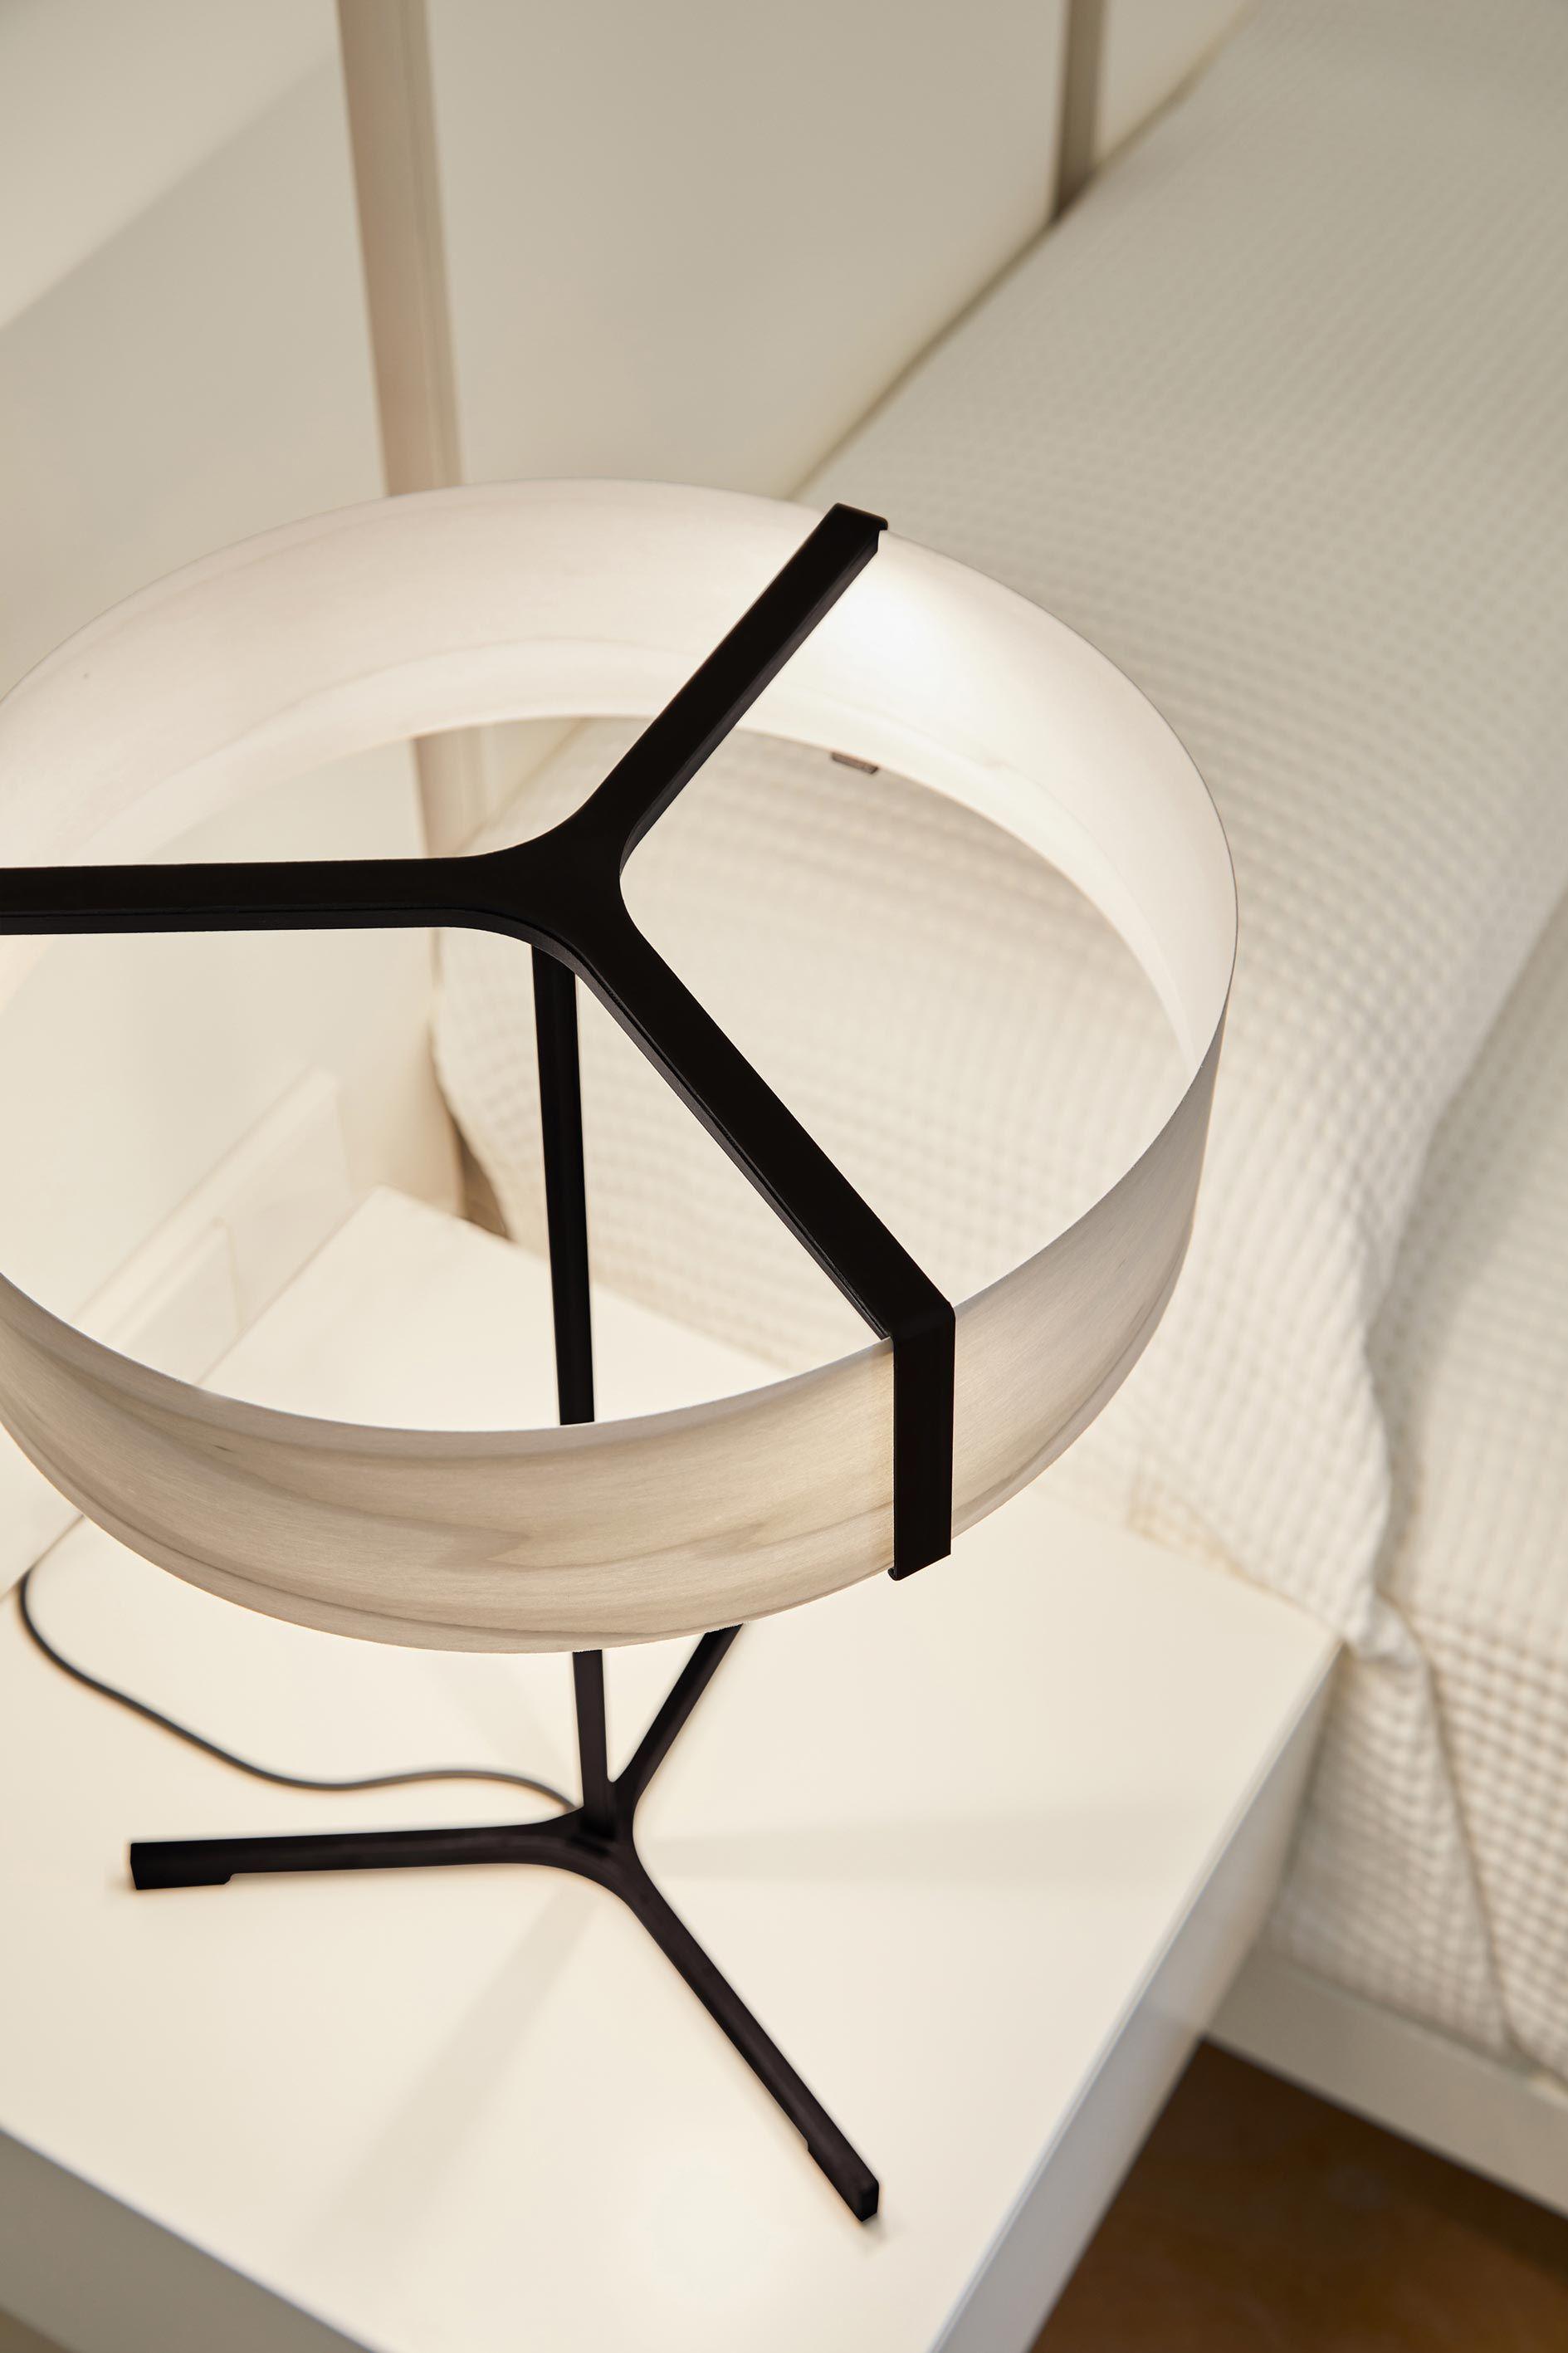 Thesis Lzf Lamps Table Lamp Lighting Lamp Design